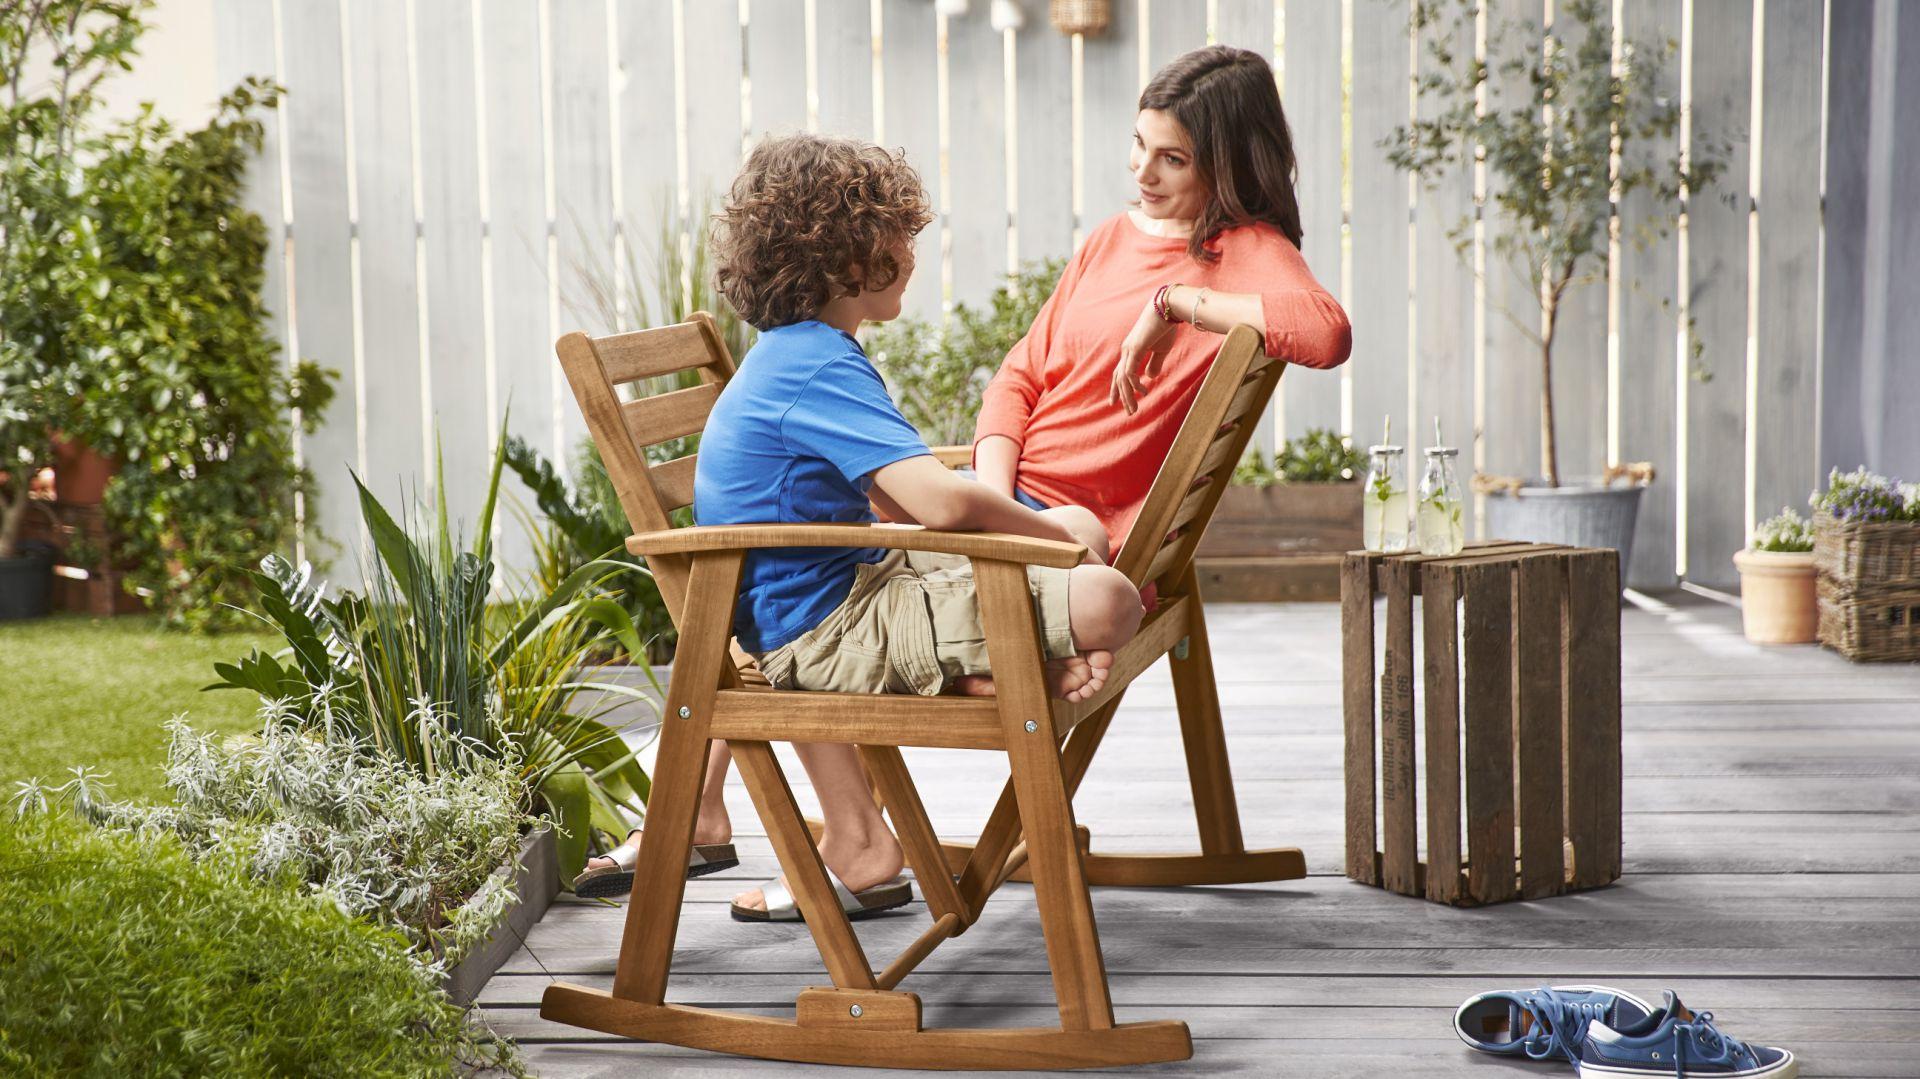 Innowacyjna ławka na biegunach zapewnia miejsce dla dwóch osób, które mogą siedzieć obok siebie lub naprzeciwko. Fot. Tchibo